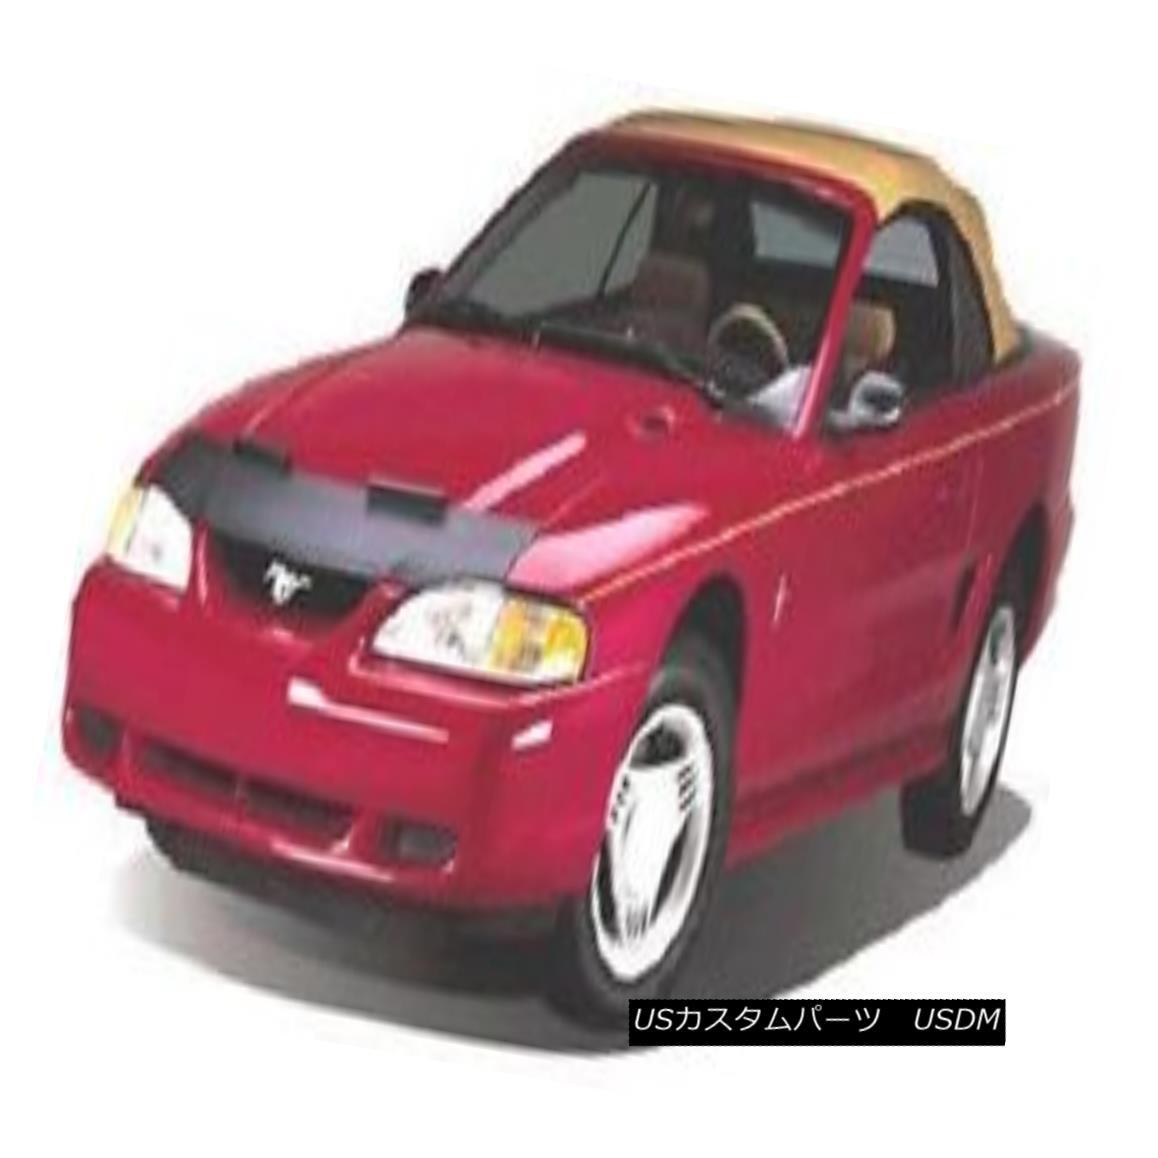 フルブラ ノーズブラ Lebra Hood Protector Mini Mask Bra Fits Kia Sedona Mini Van 2002 2003 2004 2005 LebraフードプロテクターミニマスクブラはKia Sedona Mini Vanにフィット2002 2002 2004 2005